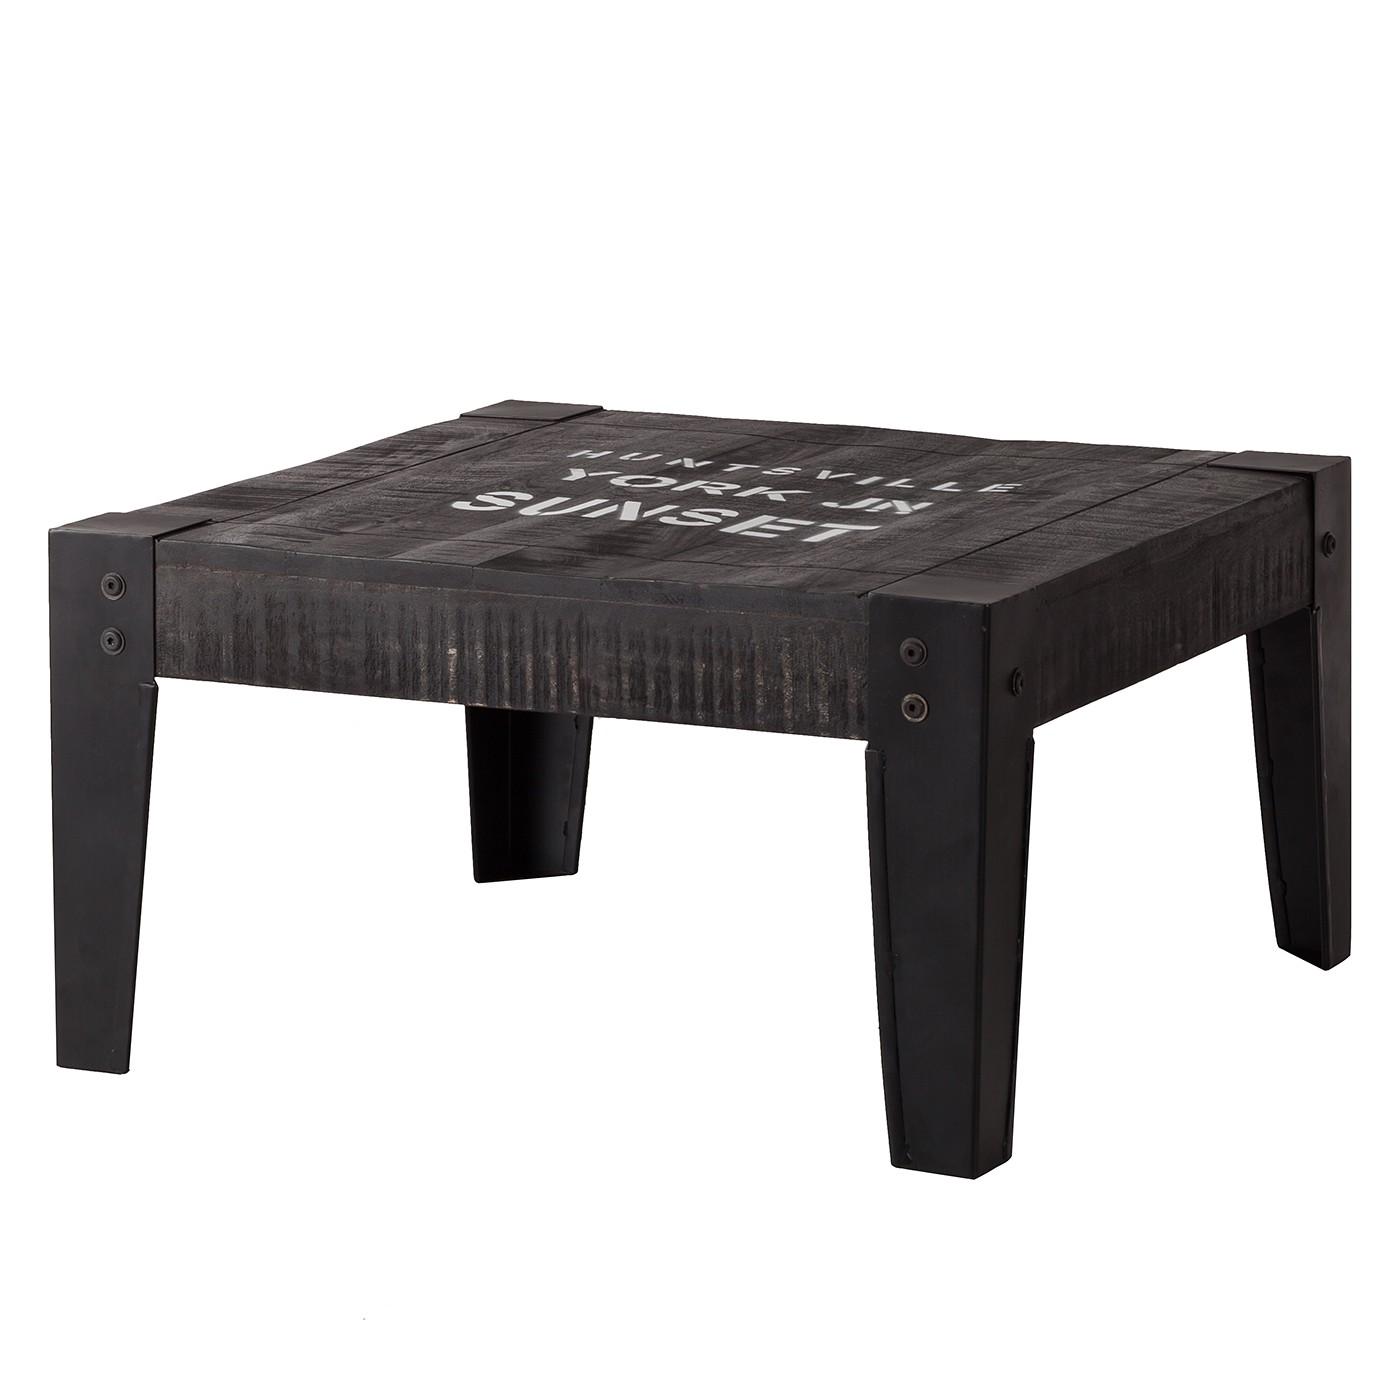 Tavolino da salotto Keyport - legno massello di mango - grigio cenere / nero - 75 x 75 cm, ars manufacti